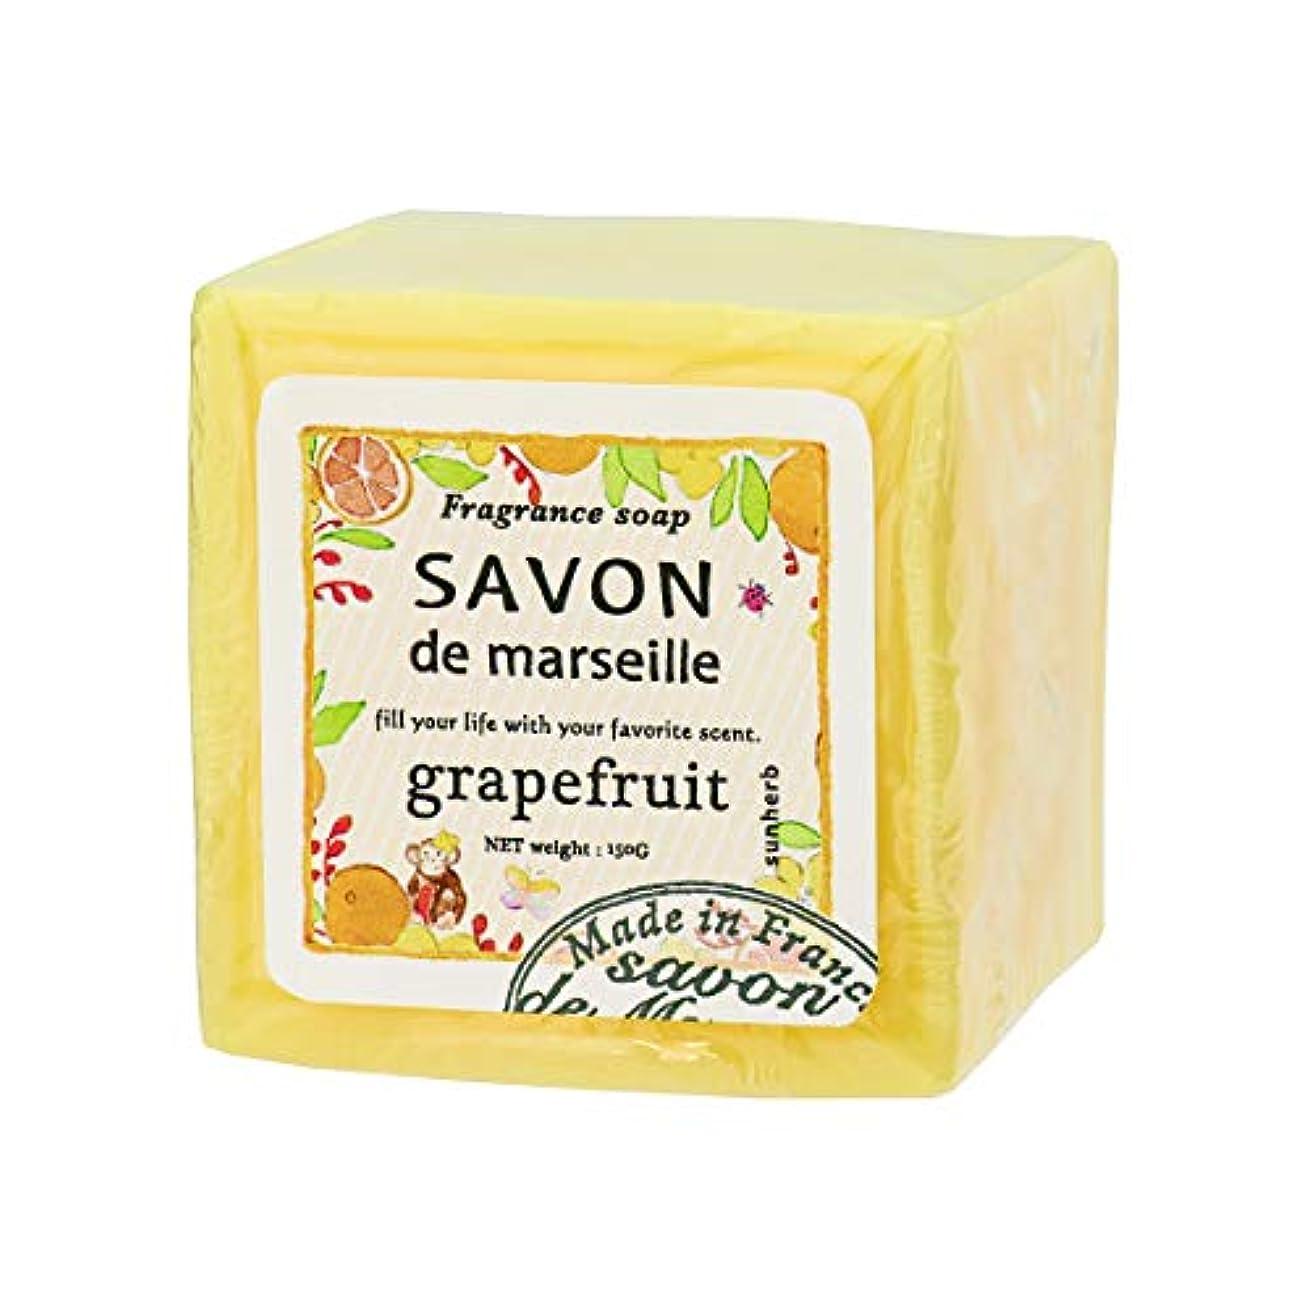 第二にステレオ分析的なサンハーブ マルセイユ石けん グレープフルーツ 150g(全身用洗浄料 ソープ フランス製 シャキっとまぶしい柑橘系の香り)